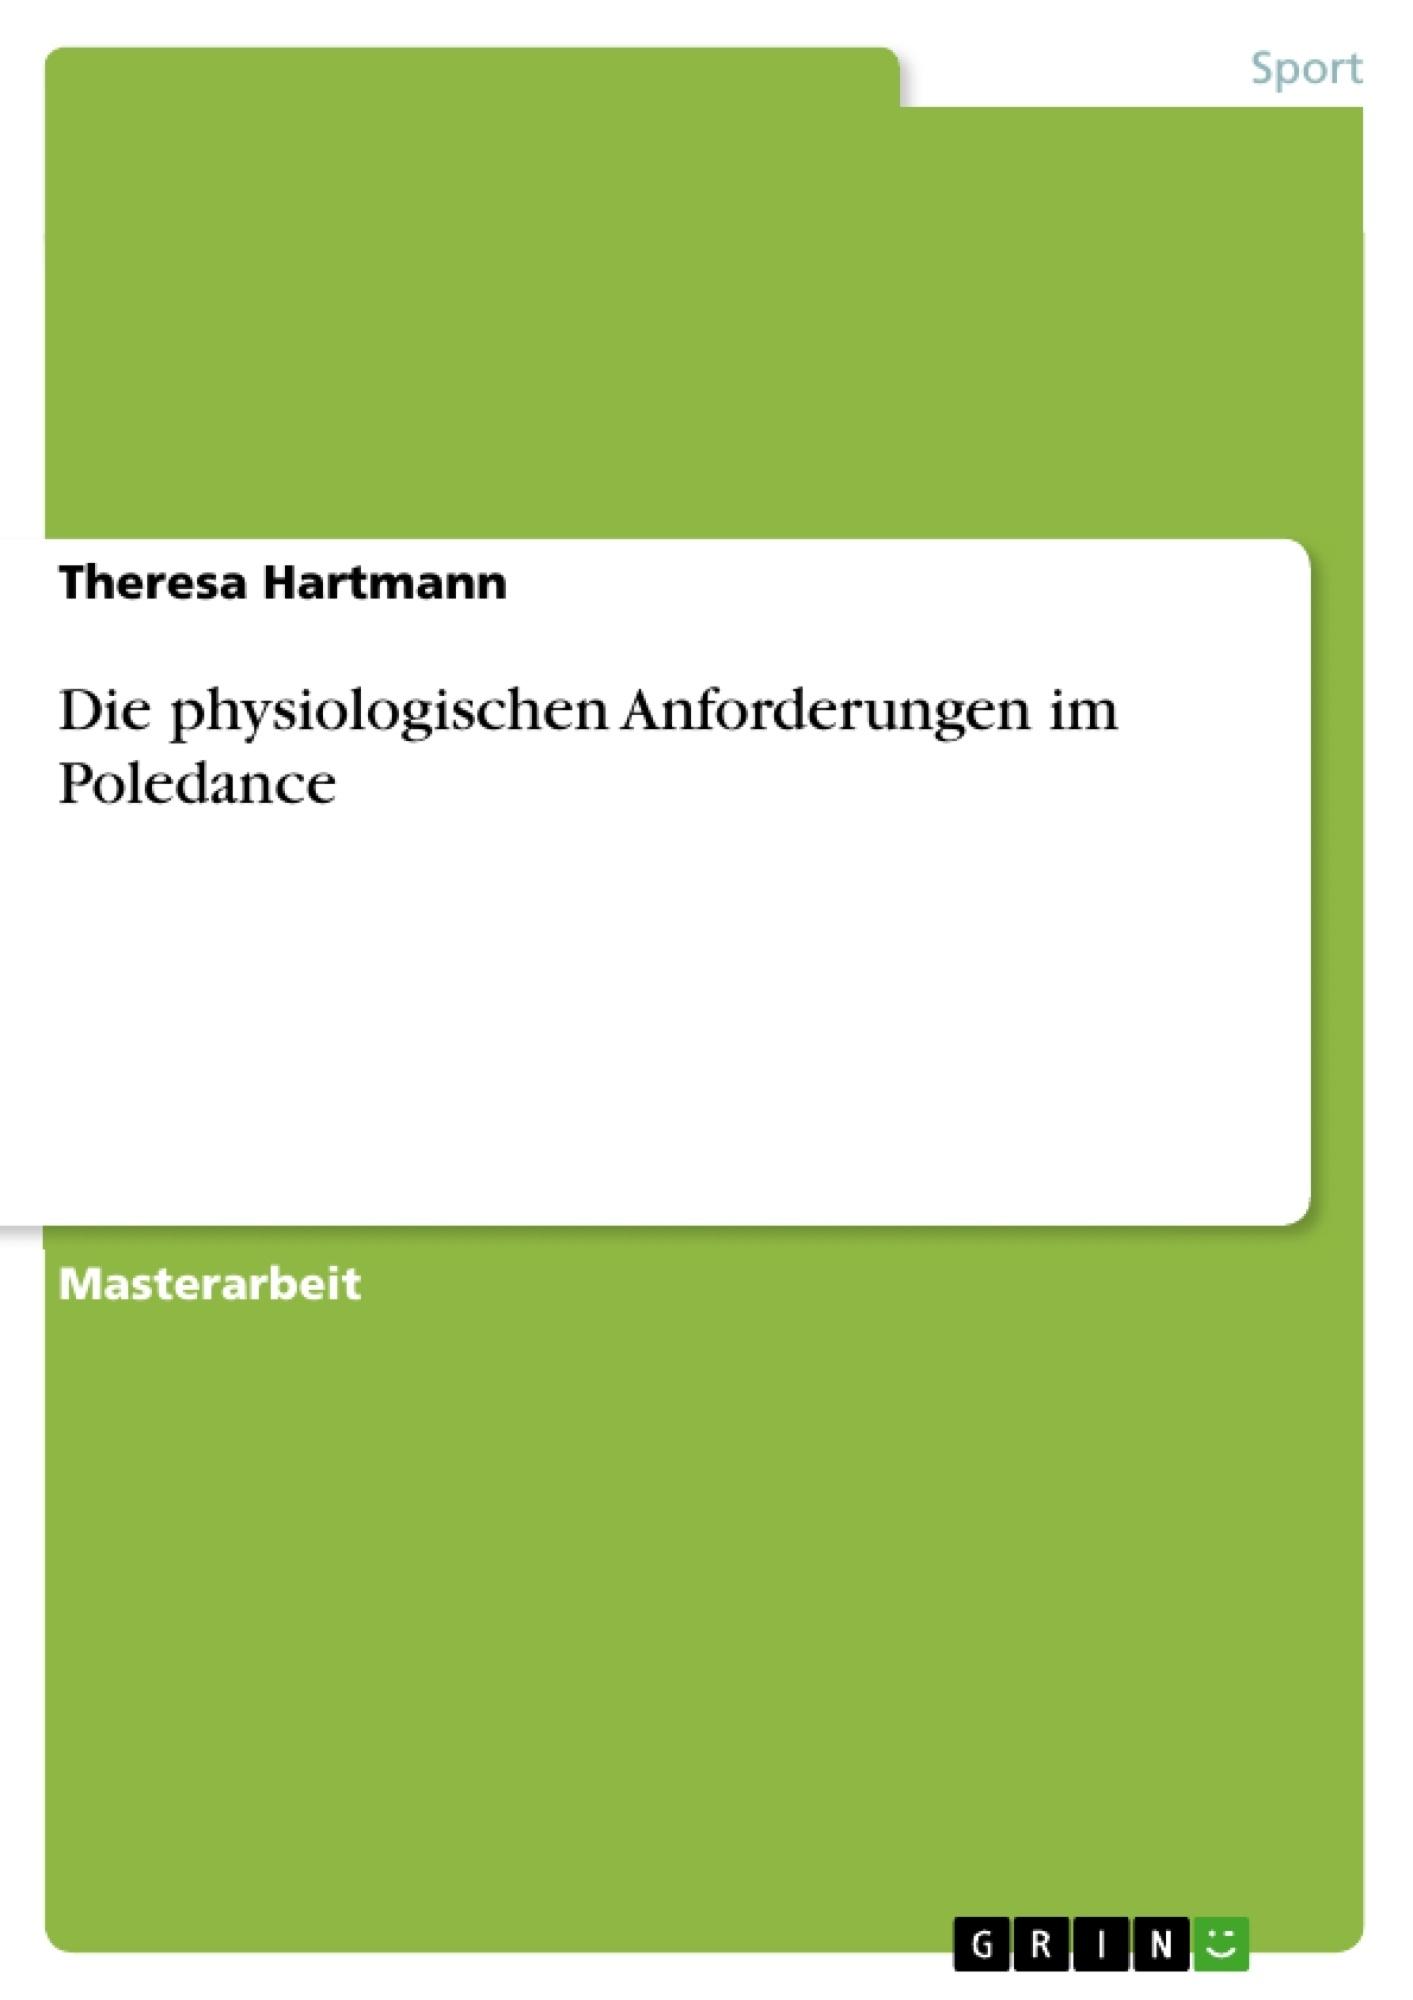 Titel: Die physiologischen Anforderungen im Poledance